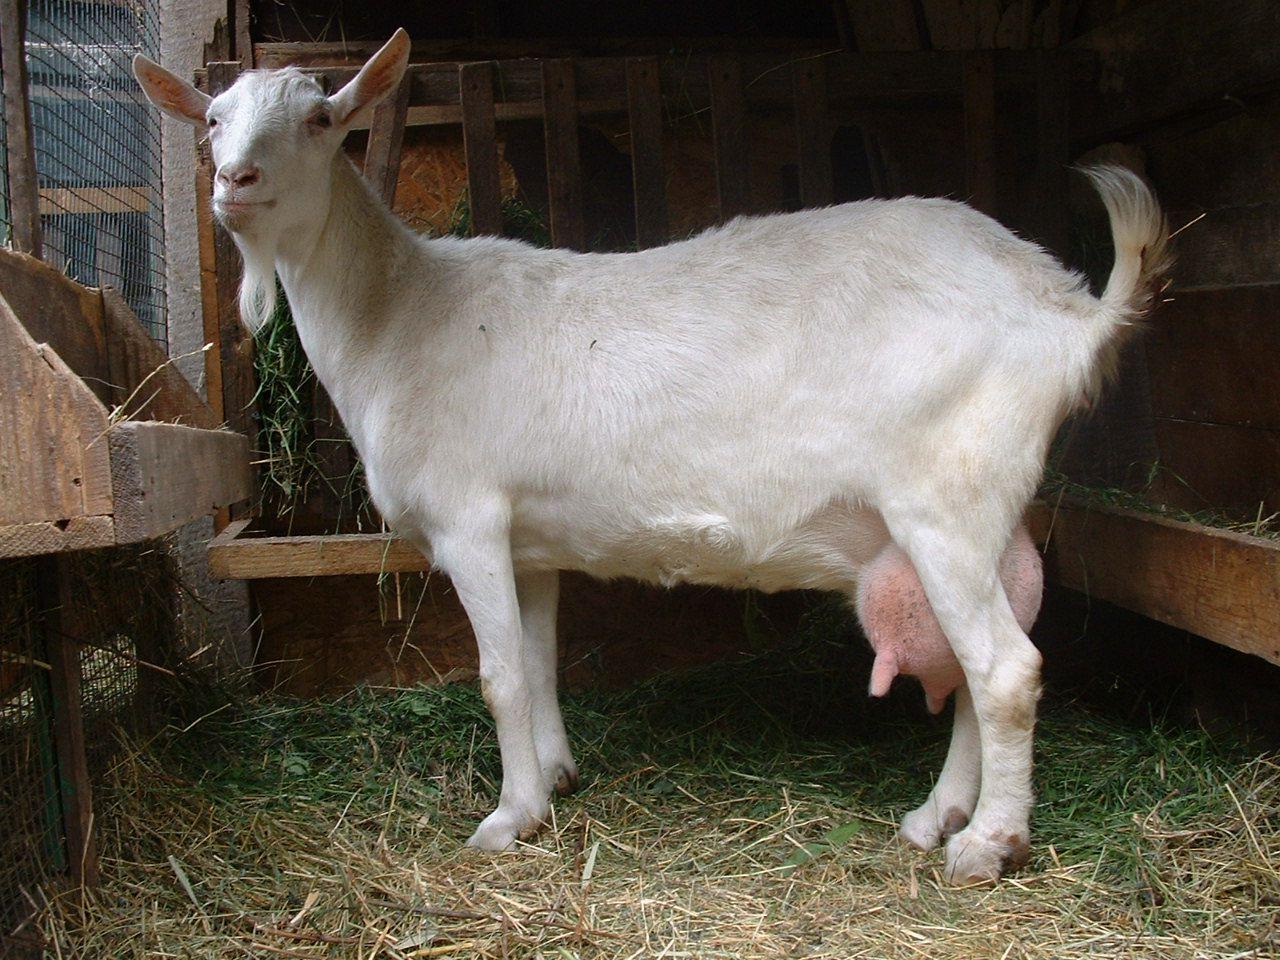 Комплекция коз плотная, но нежная: они являют собой эталон молочных пород коз